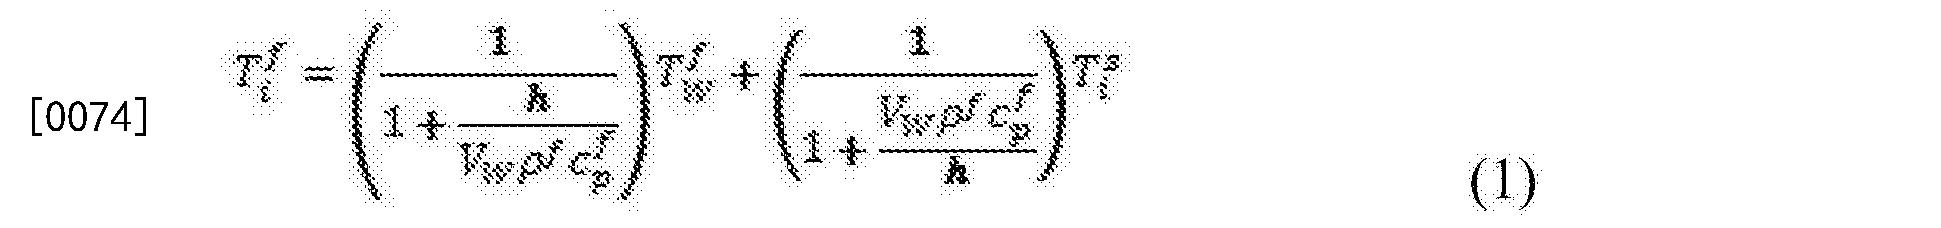 Figure CN104137660BD00141